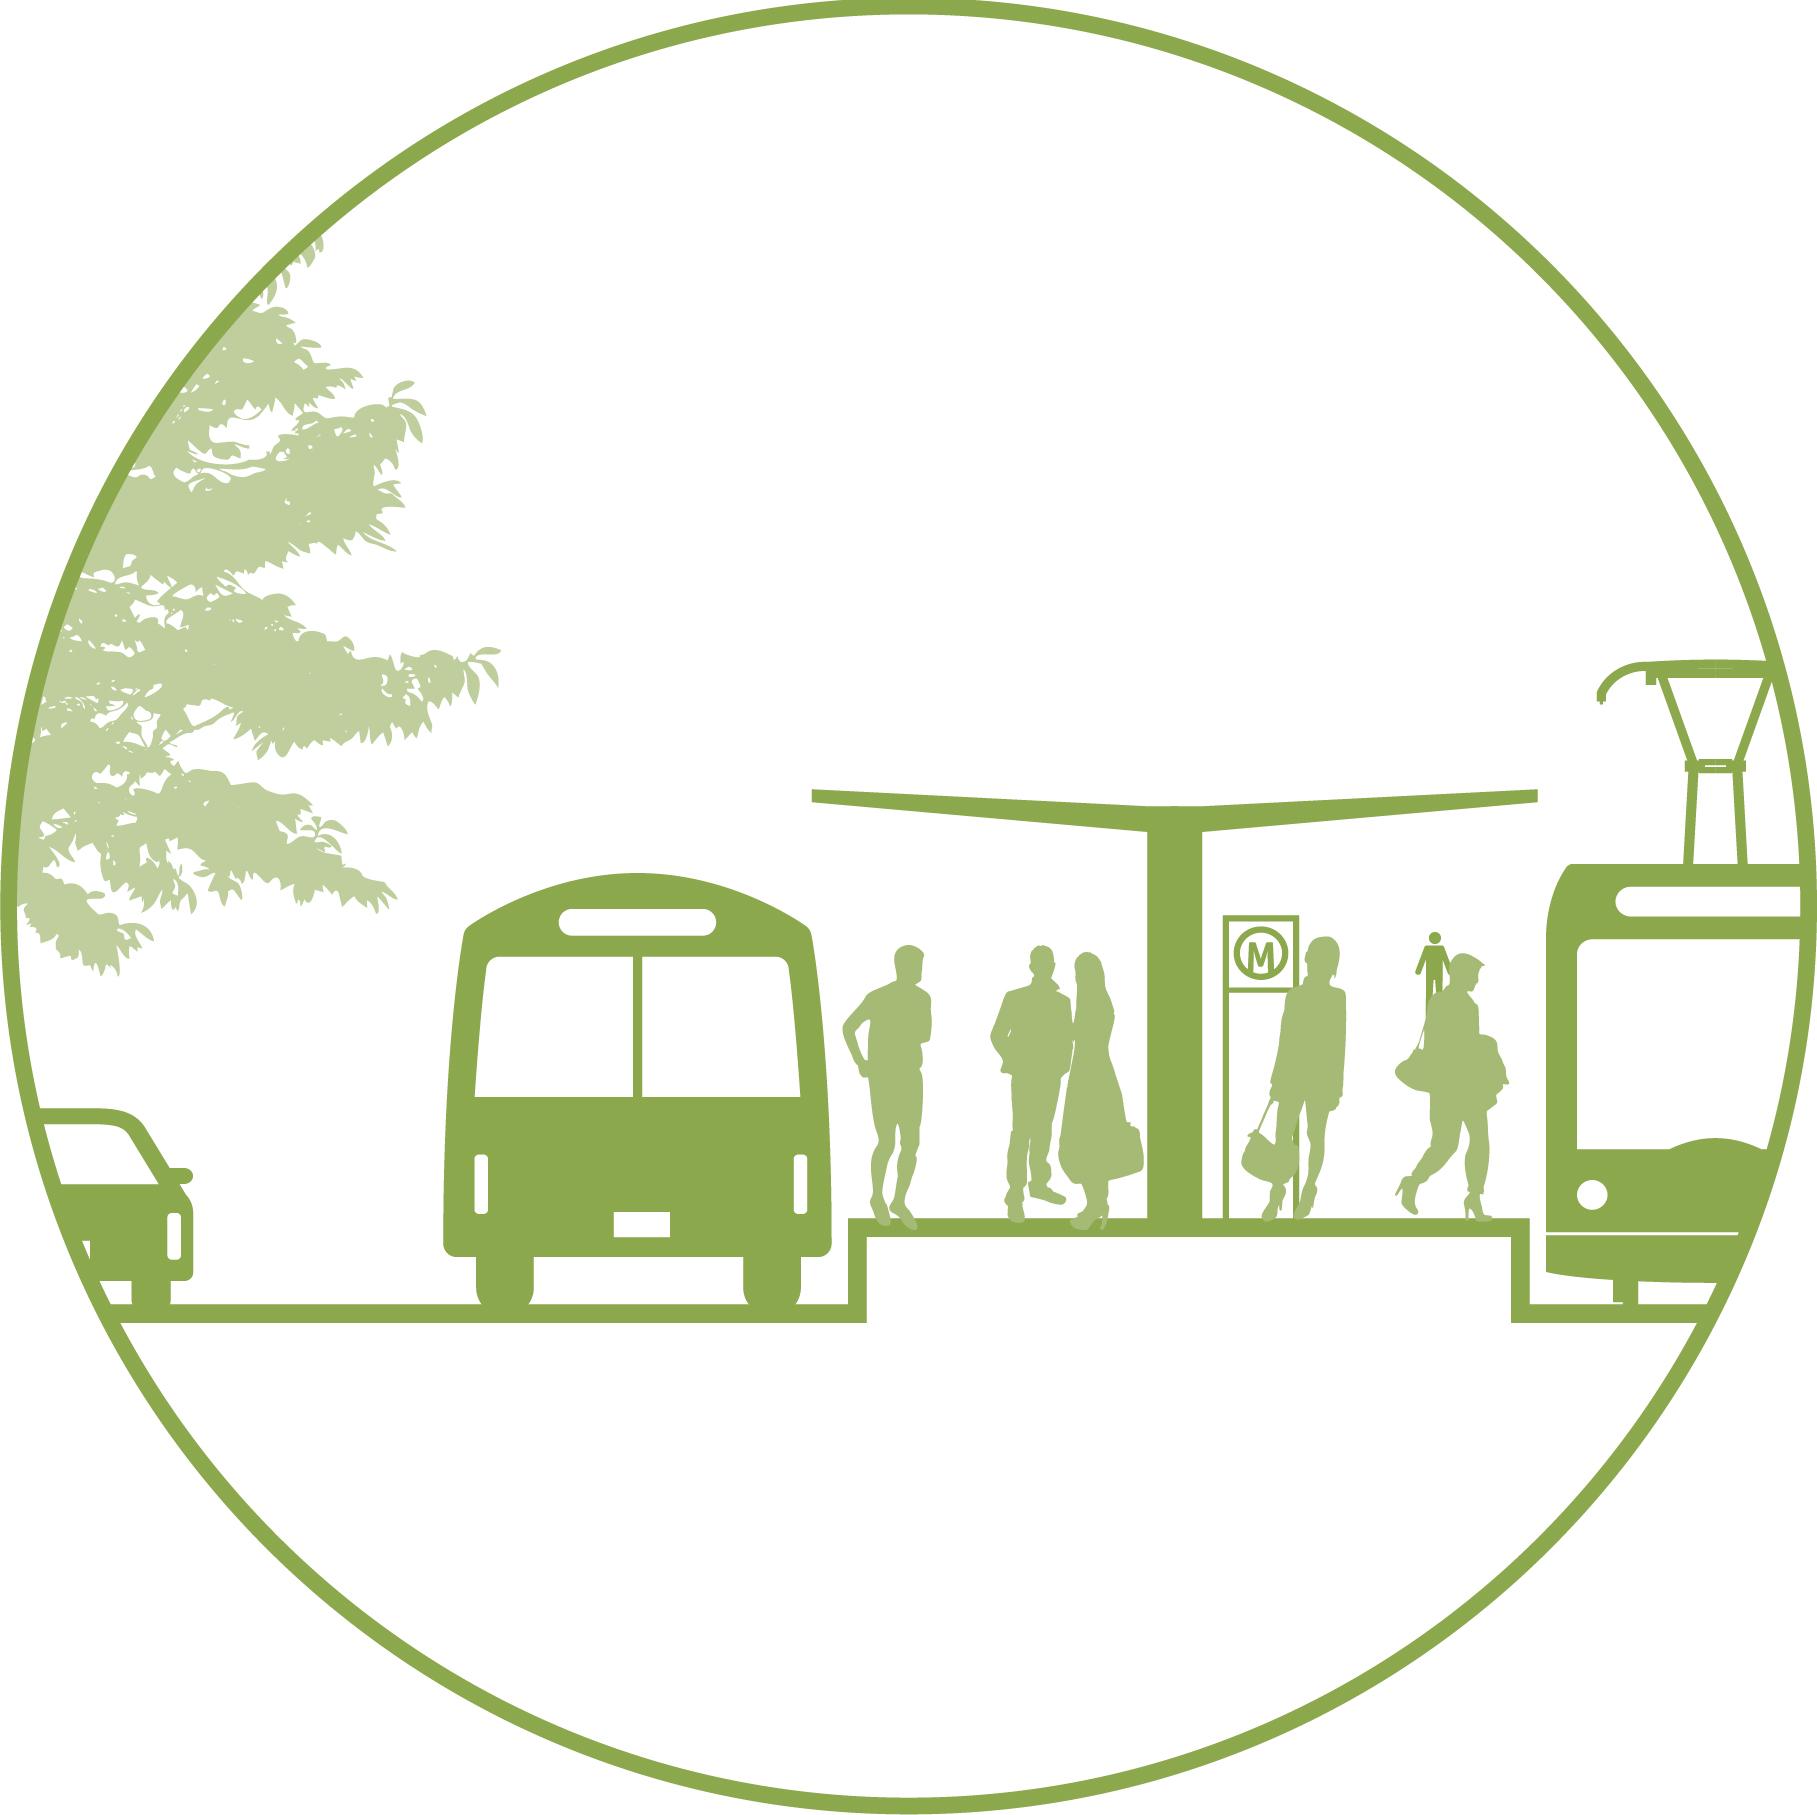 Transit Street Principles-06